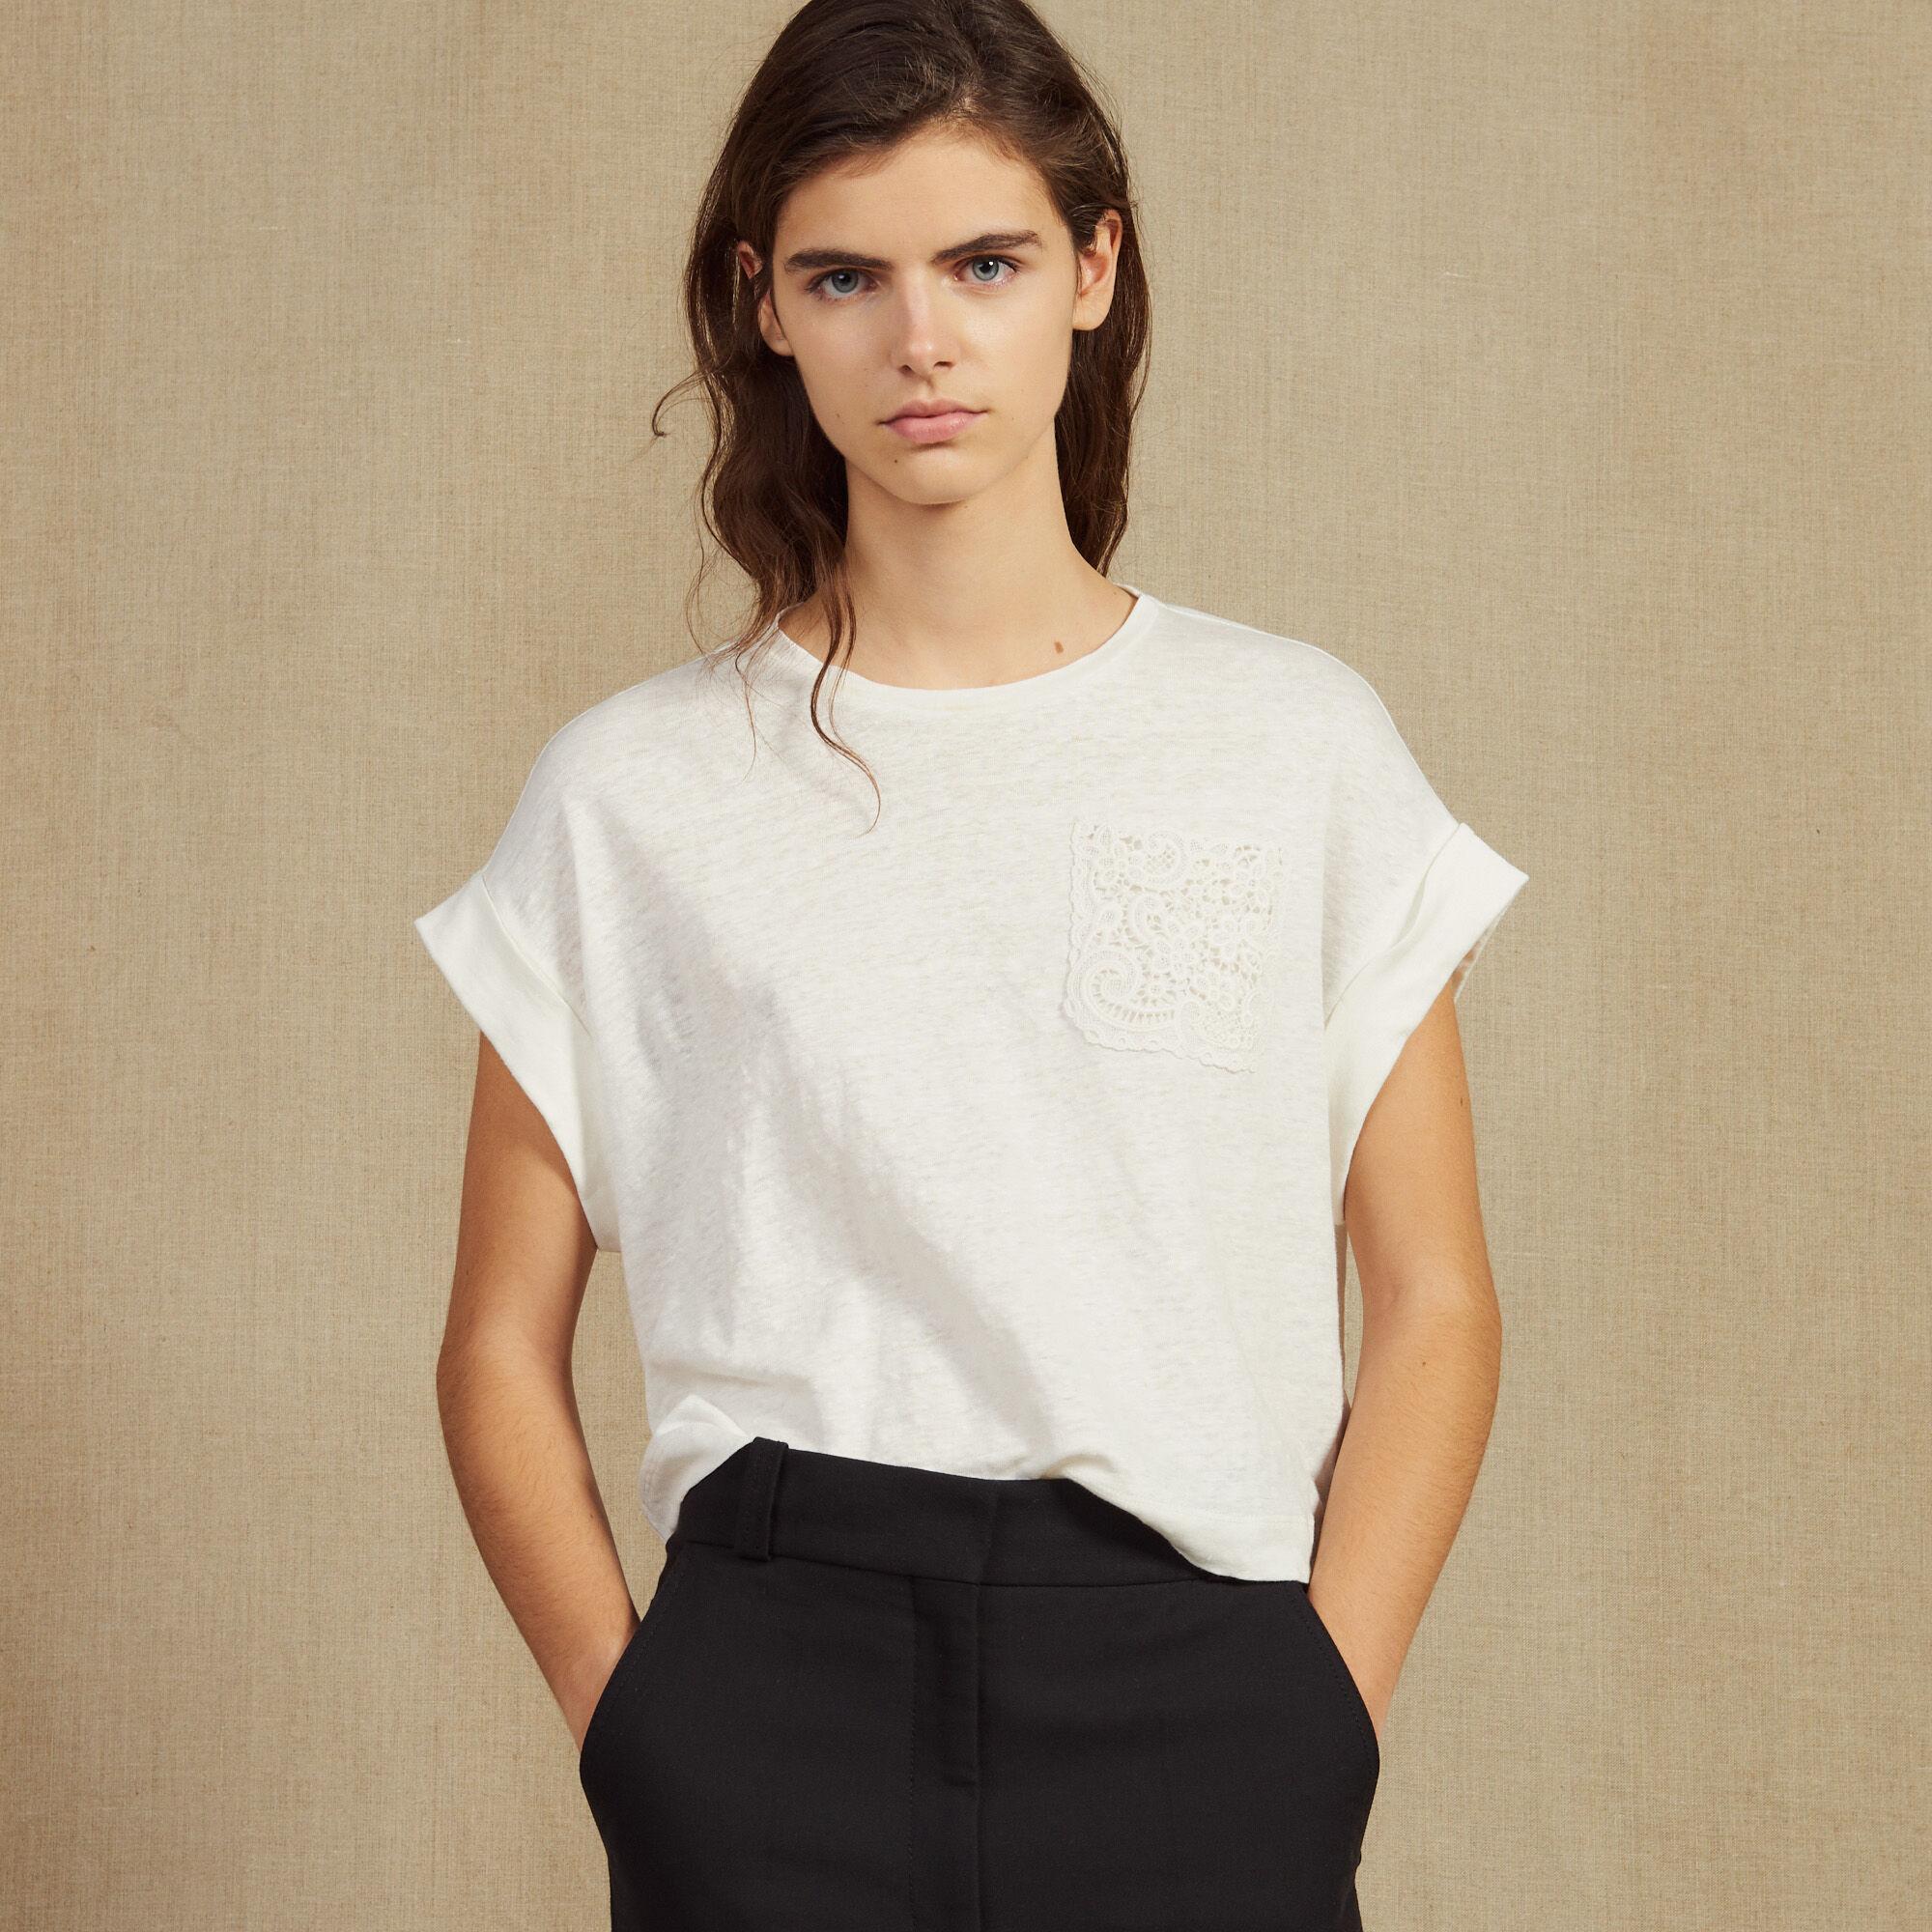 On ClothingSandro Topsamp; Topsamp; Shirts Shirts On Shirts On SaleWomen Topsamp; ClothingSandro SaleWomen cFKTlJ1